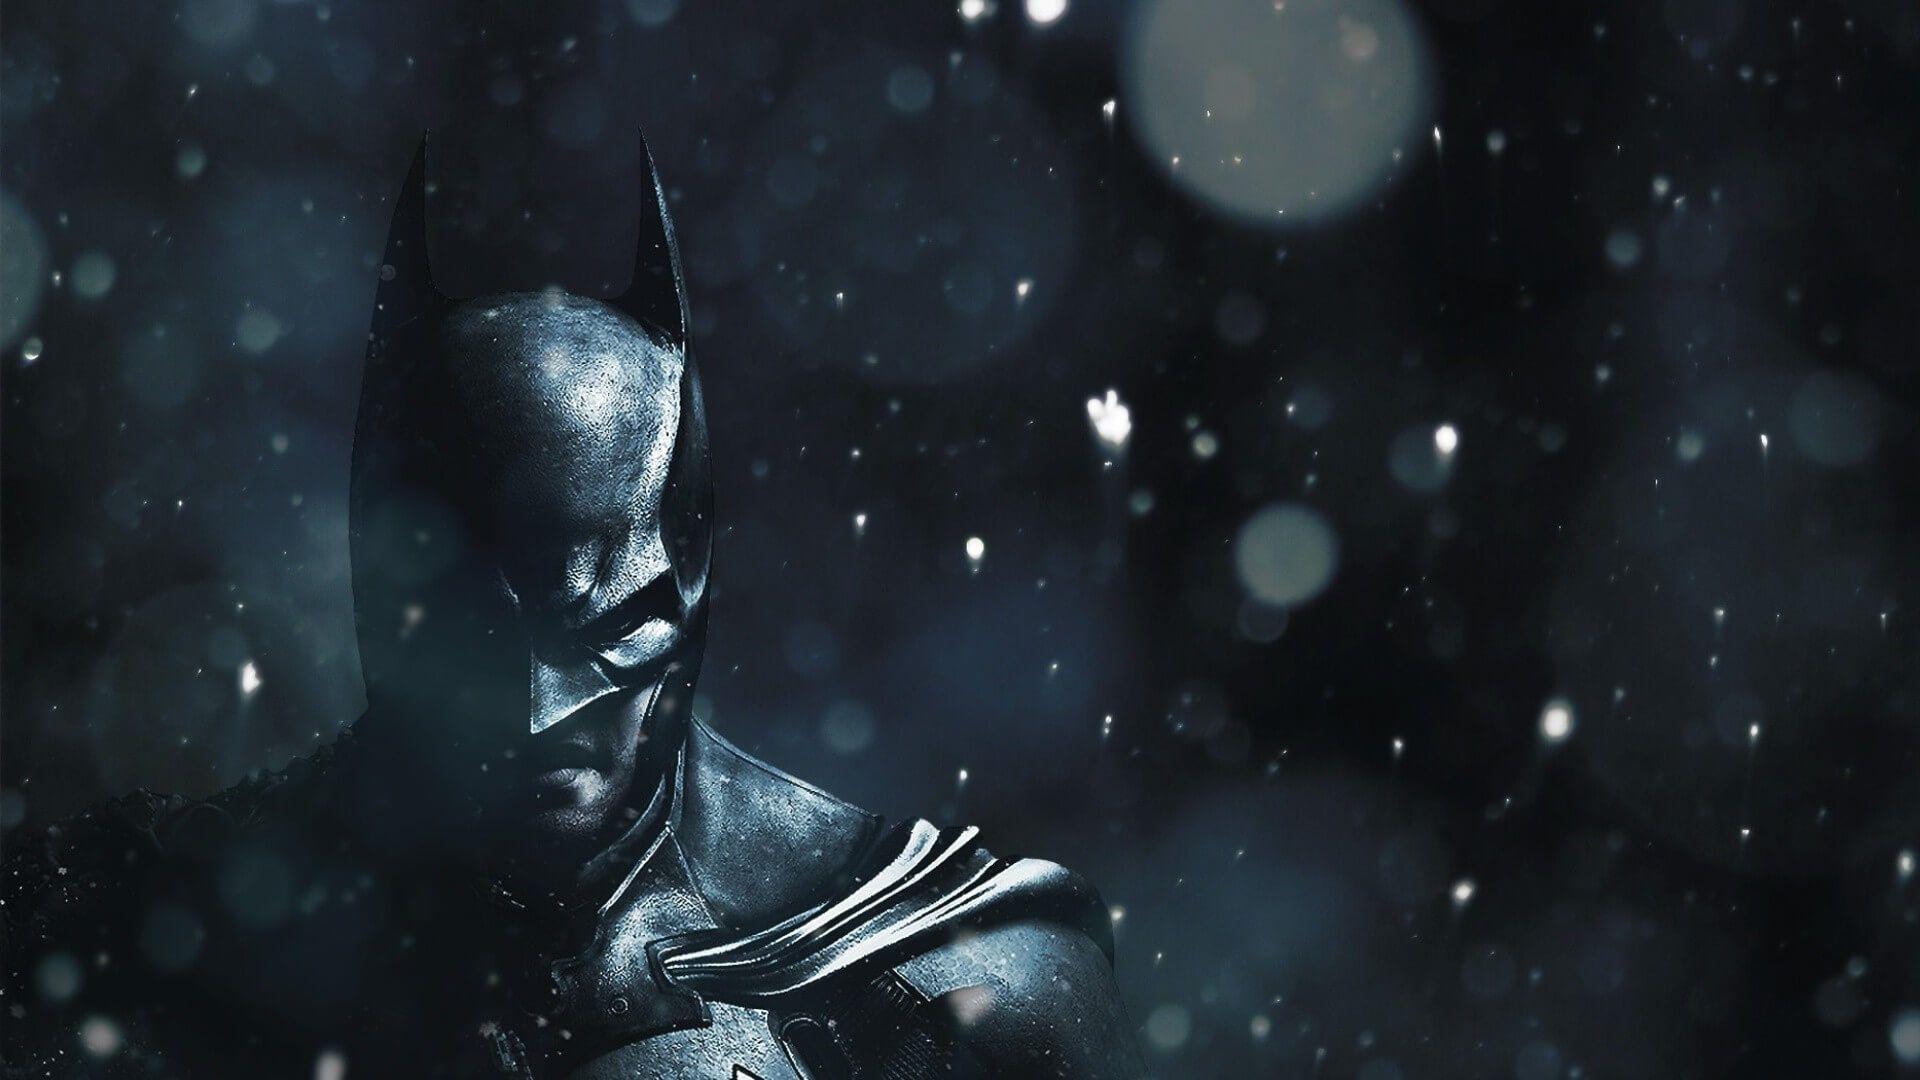 Hd wallpaper batman - Batman Hd Wallpapers For Android Download Free Hd Wallpapers 1920 1080 Batman Hd Wallpapers